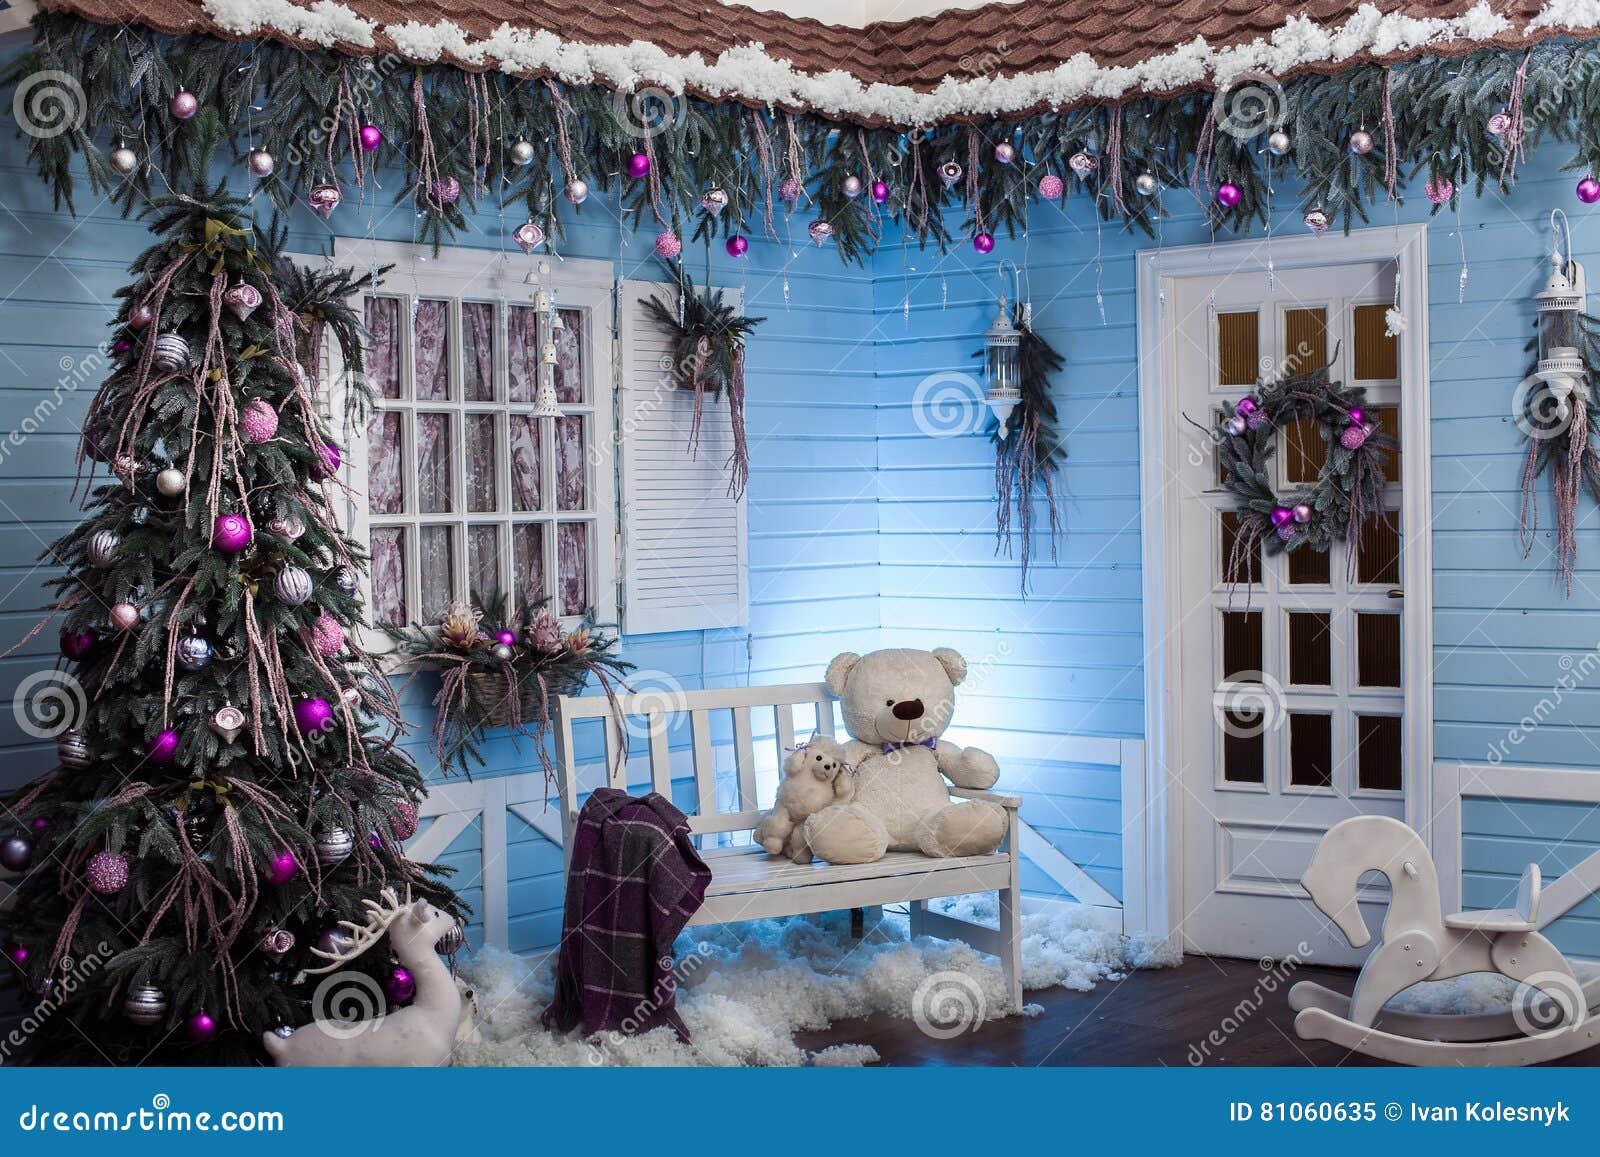 Decorazioni Per Casa Di Natale : Esterno di inverno di una casa di campagna con le decorazioni di